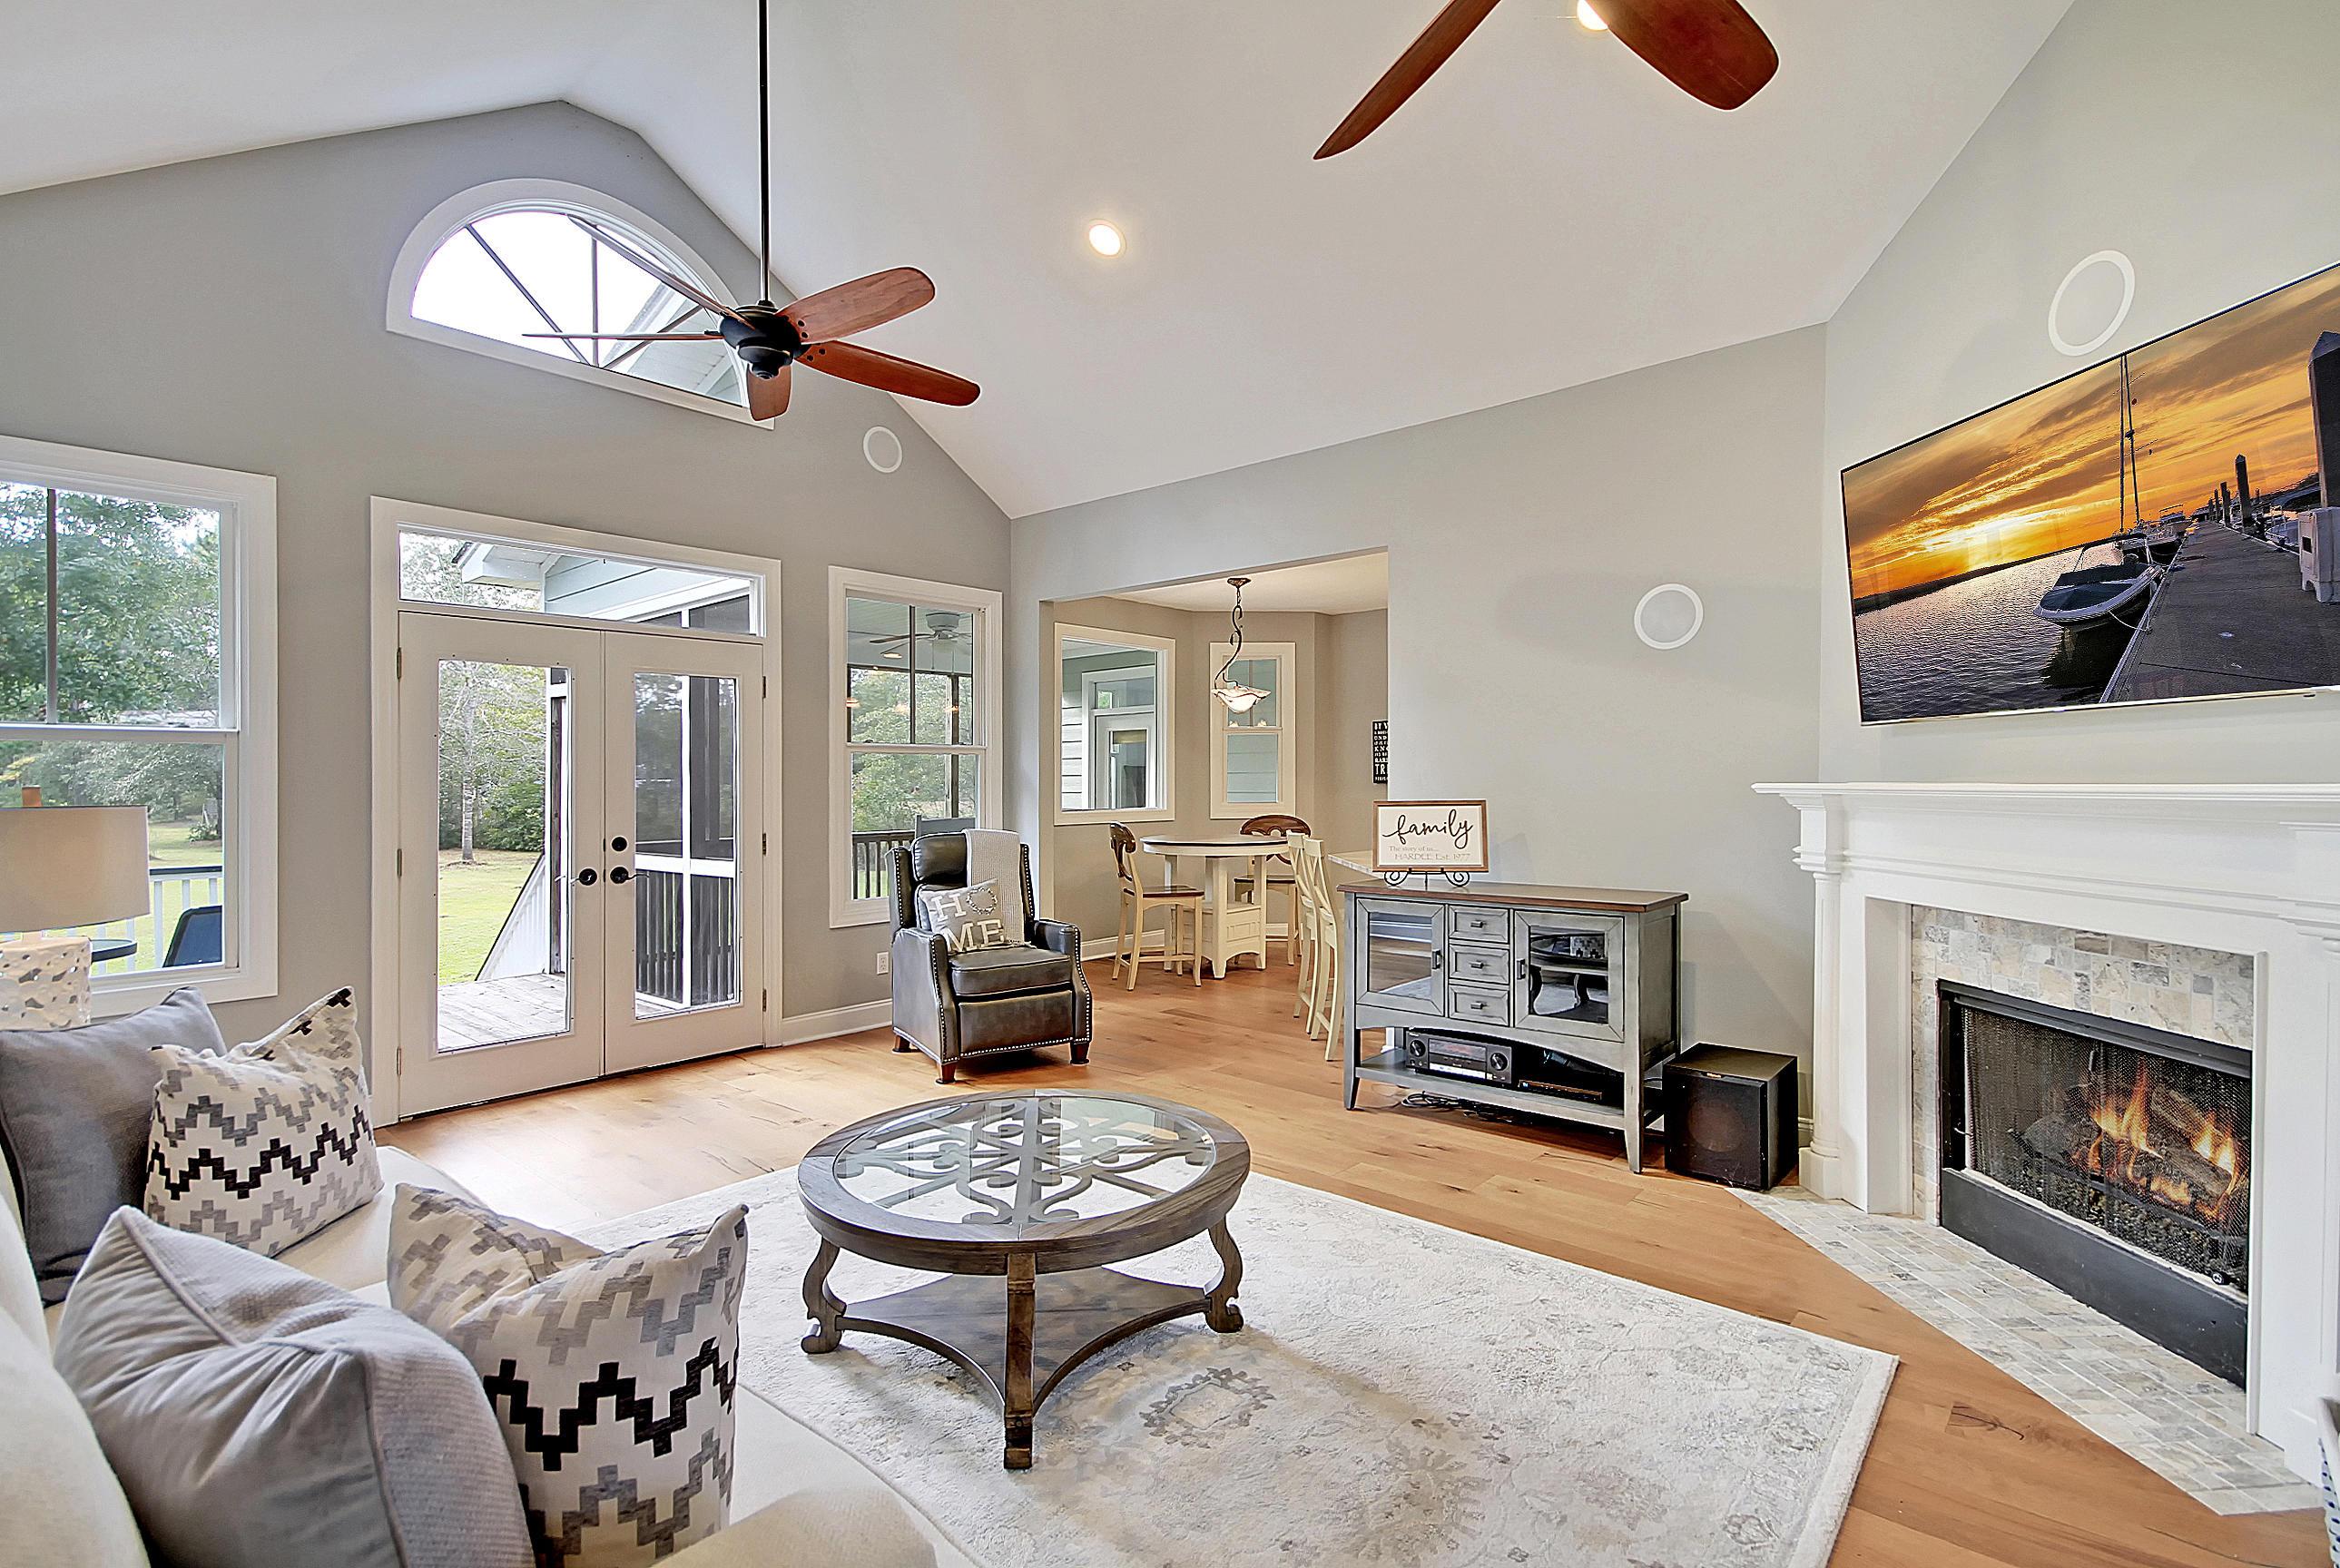 Bishop Farms Homes For Sale - 6125 Bay Pond, Ravenel, SC - 3